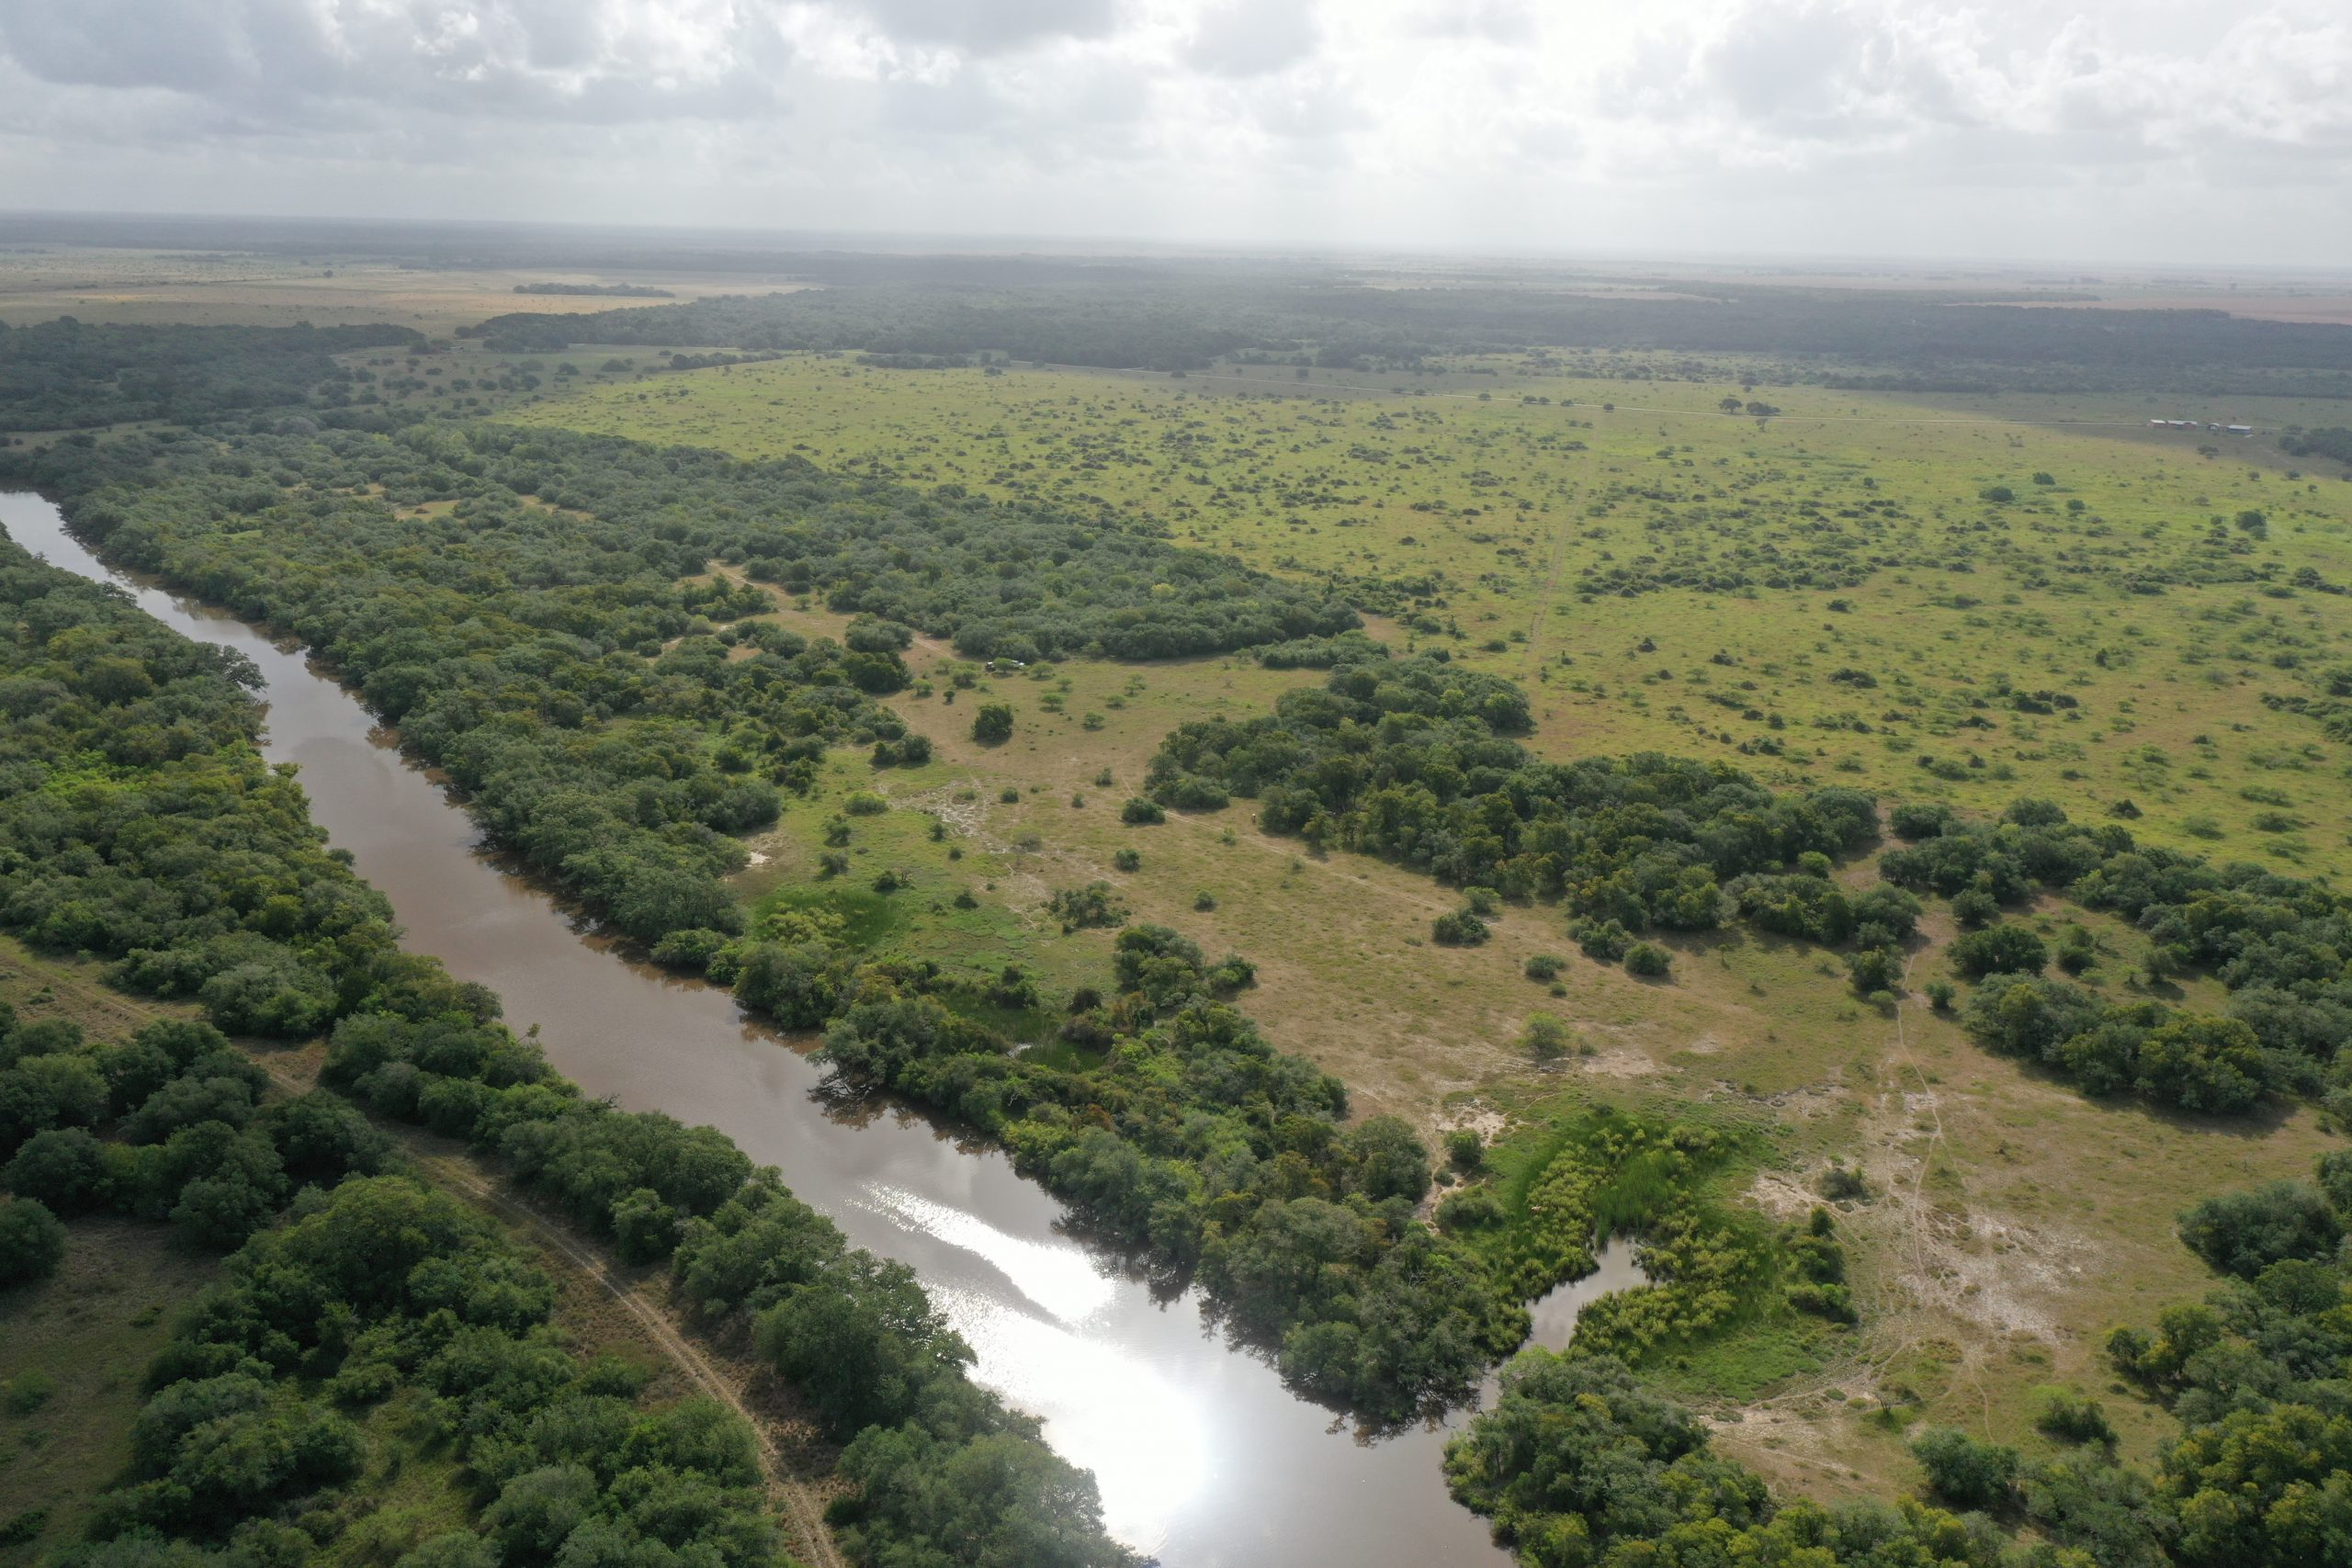 151.80 West Carancahua River